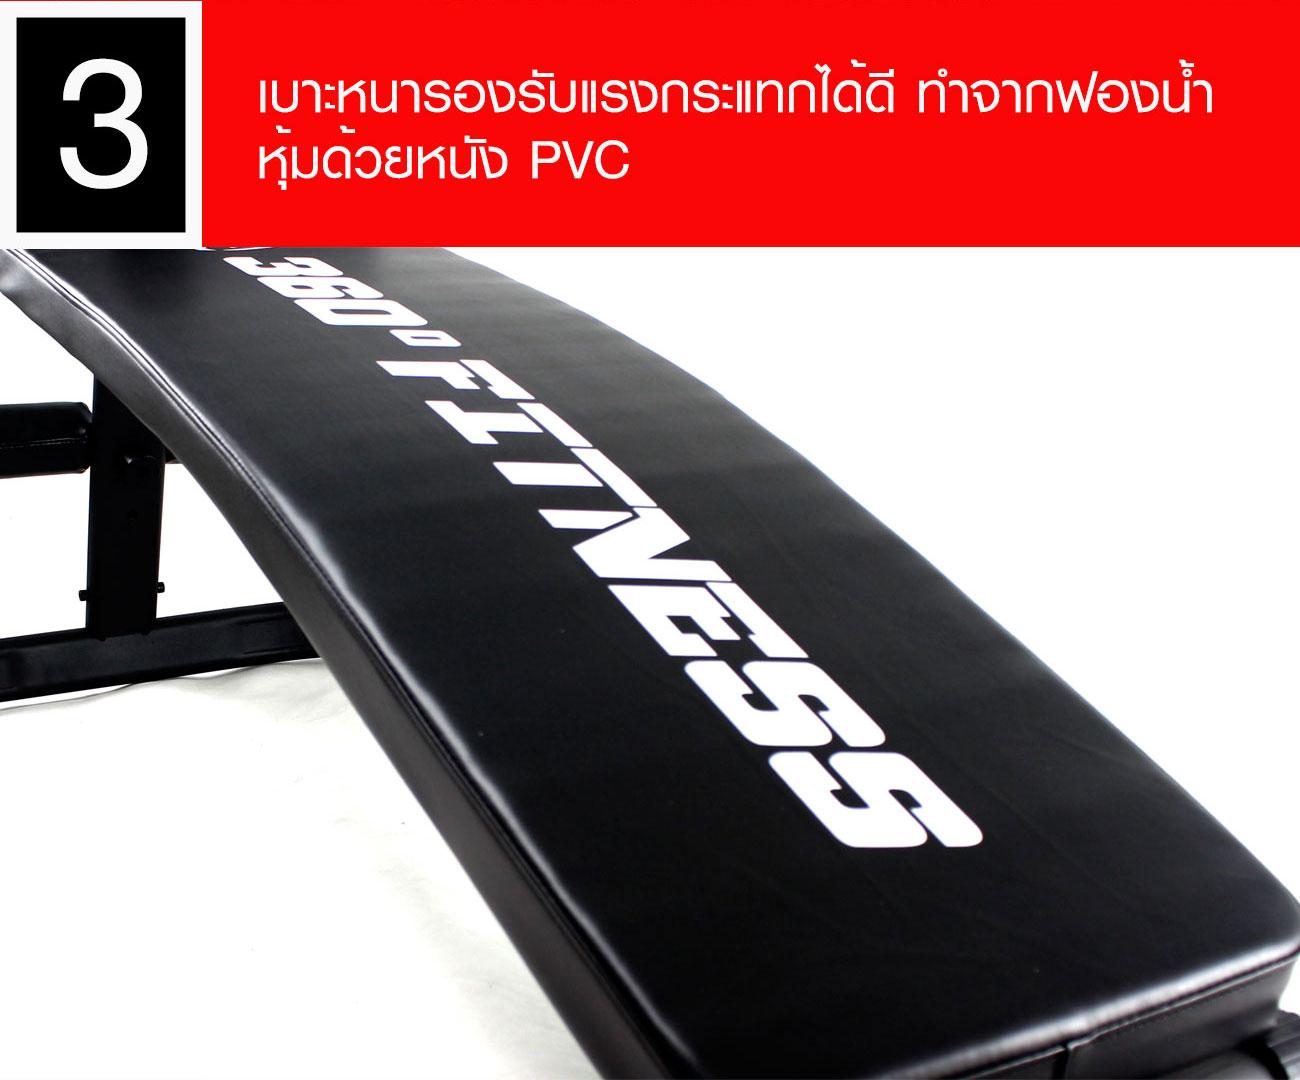 ม้านั่งสำหรับออกกำลังกาย รุ่น AND-6006D-B